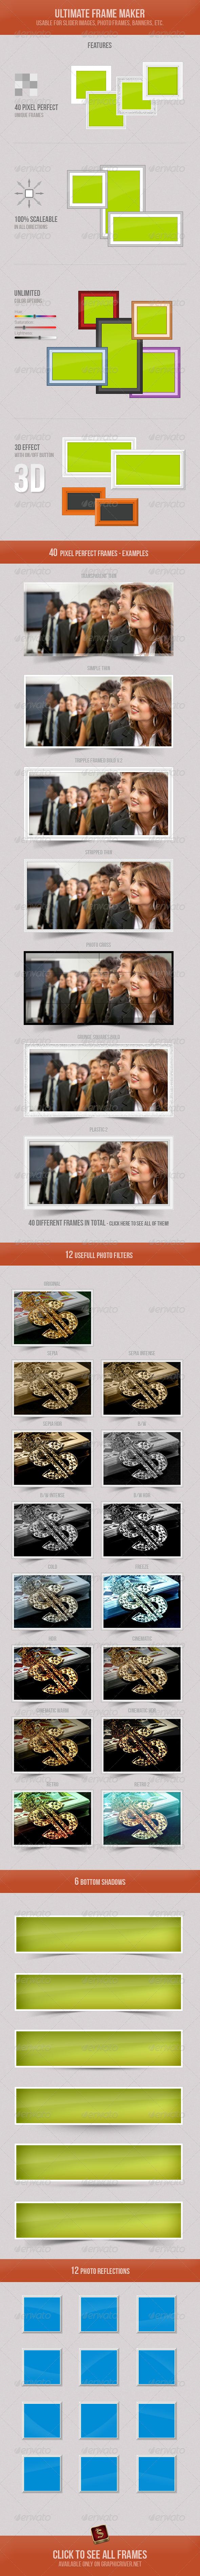 GraphicRiver Ultimate Frame Maker 4409267